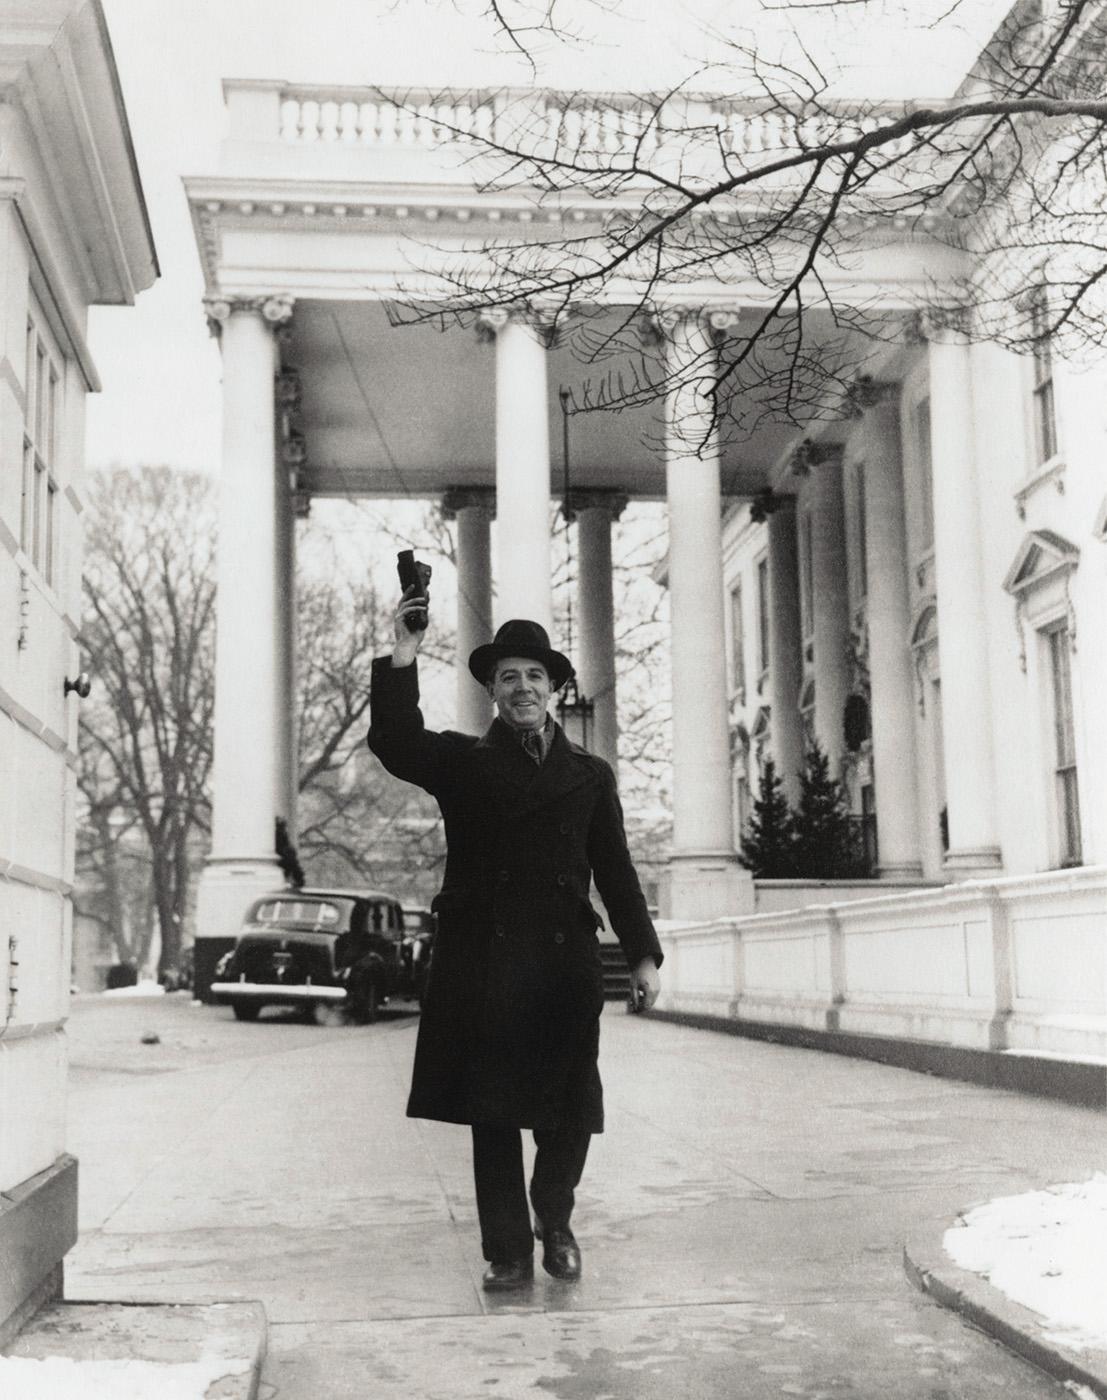 Marcel Sternberger leaving the White House, Washington, D.C., 1939